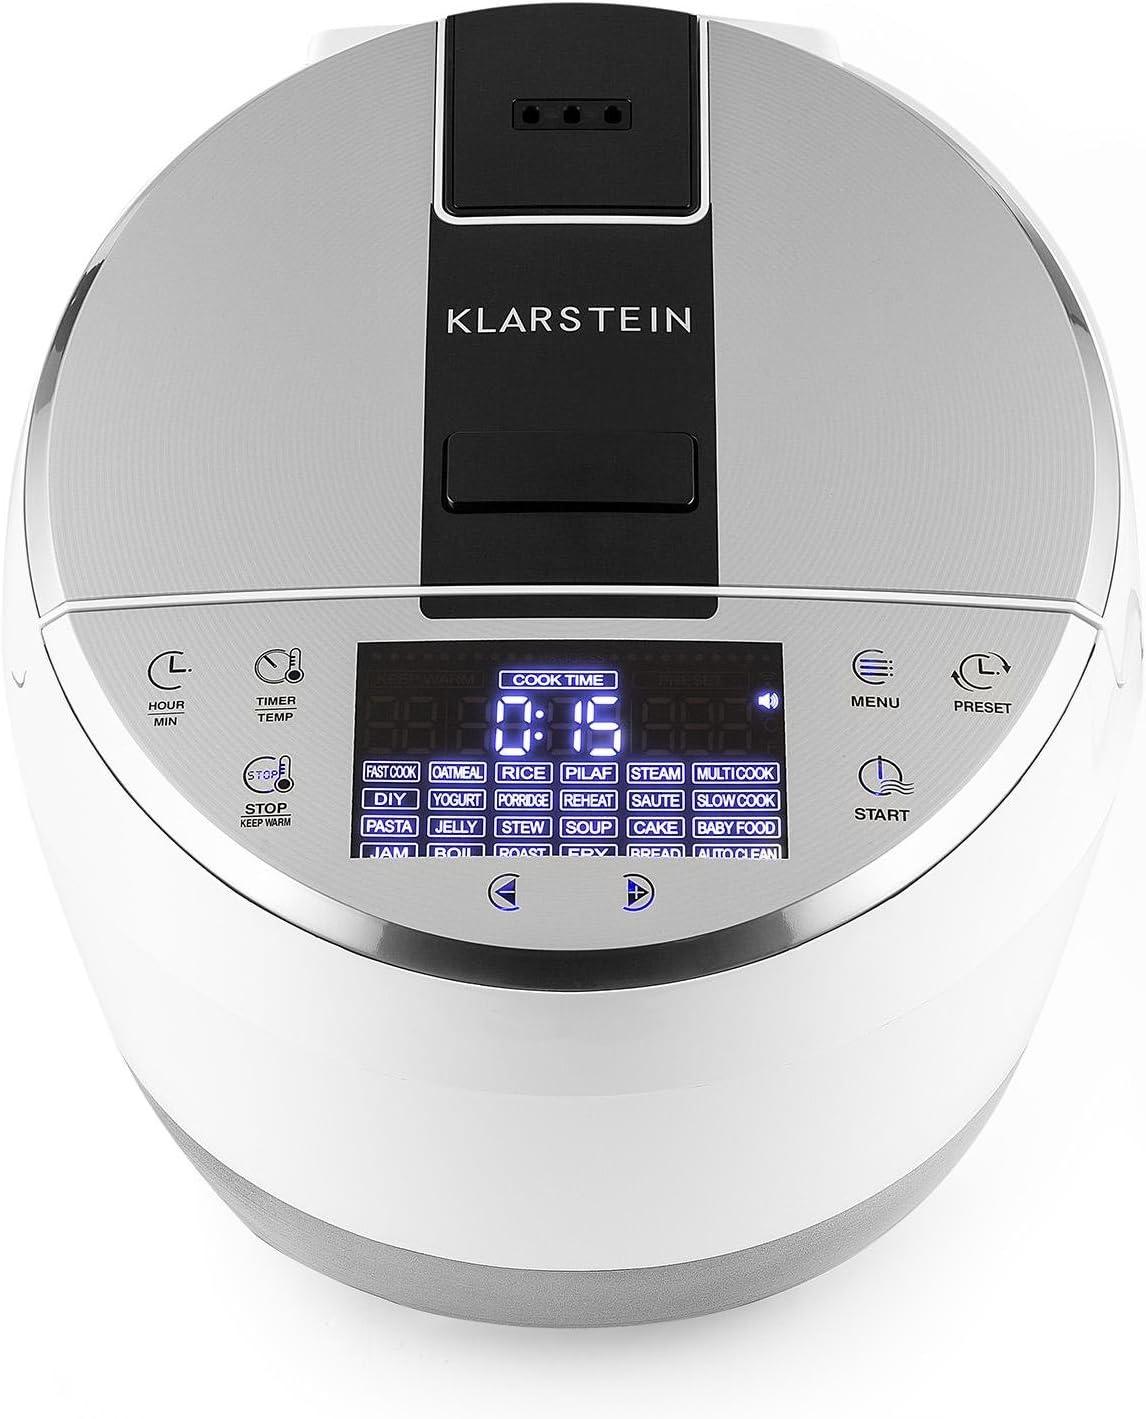 Klarstein Hotpot Multi Cooker Temperaturen von 35/° bis 160/°C 950 Watt Heizelement Multifunktionskocher Antihaftbeschichtung wei/ß 22 voreingestellte Kochfunktionen